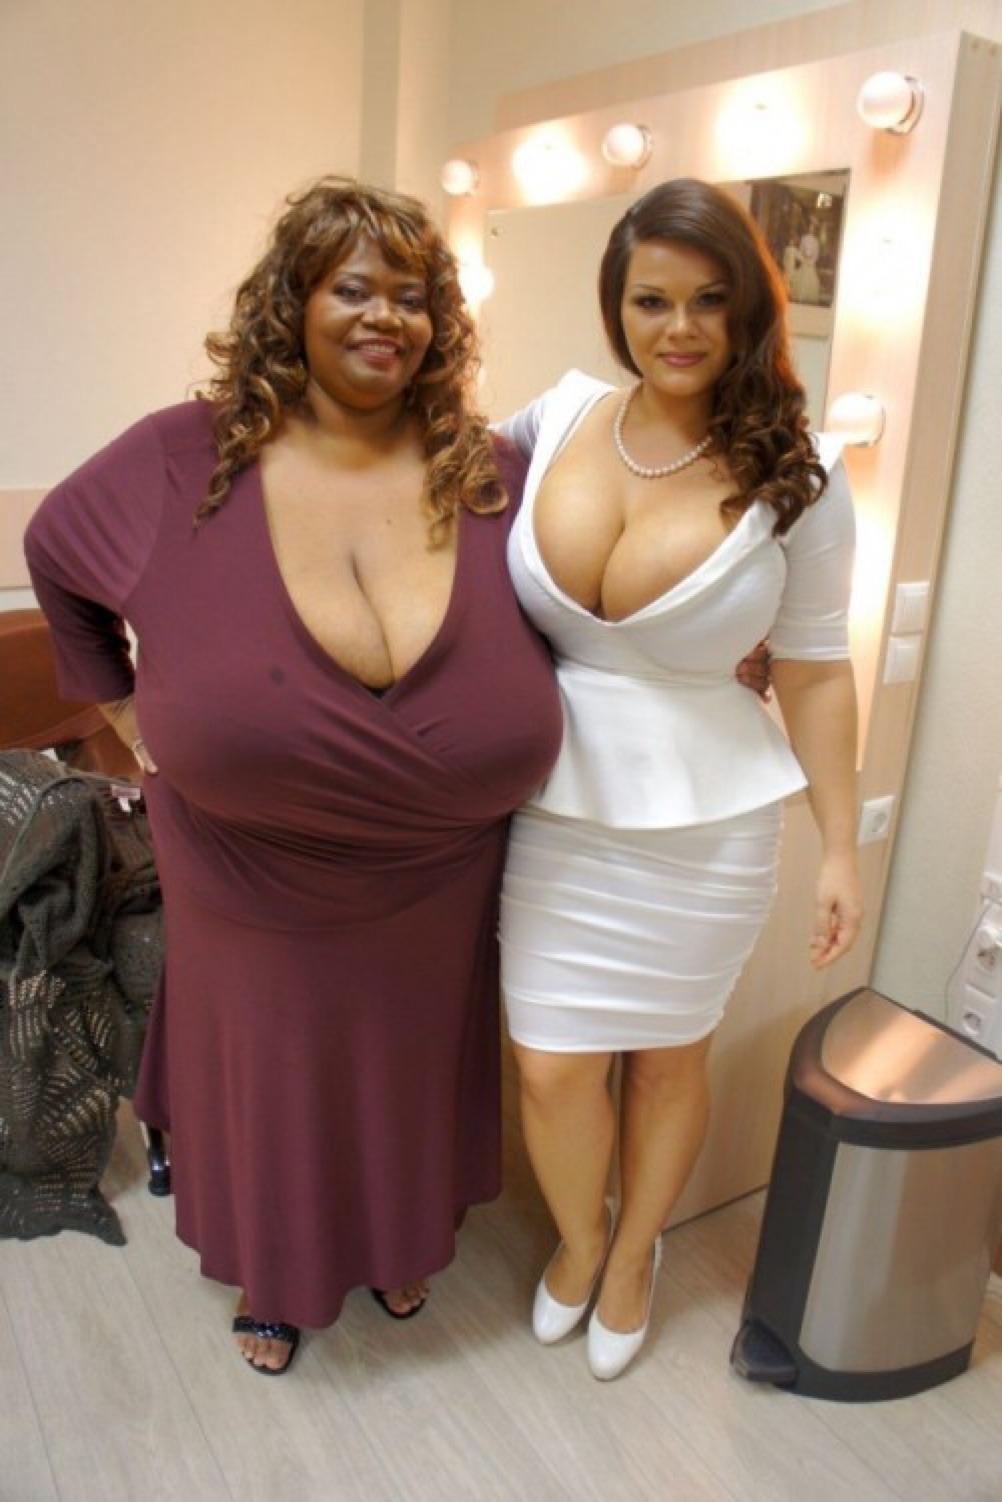 взгляды мужчин смотреть фото самая большая грудь у женщины флора